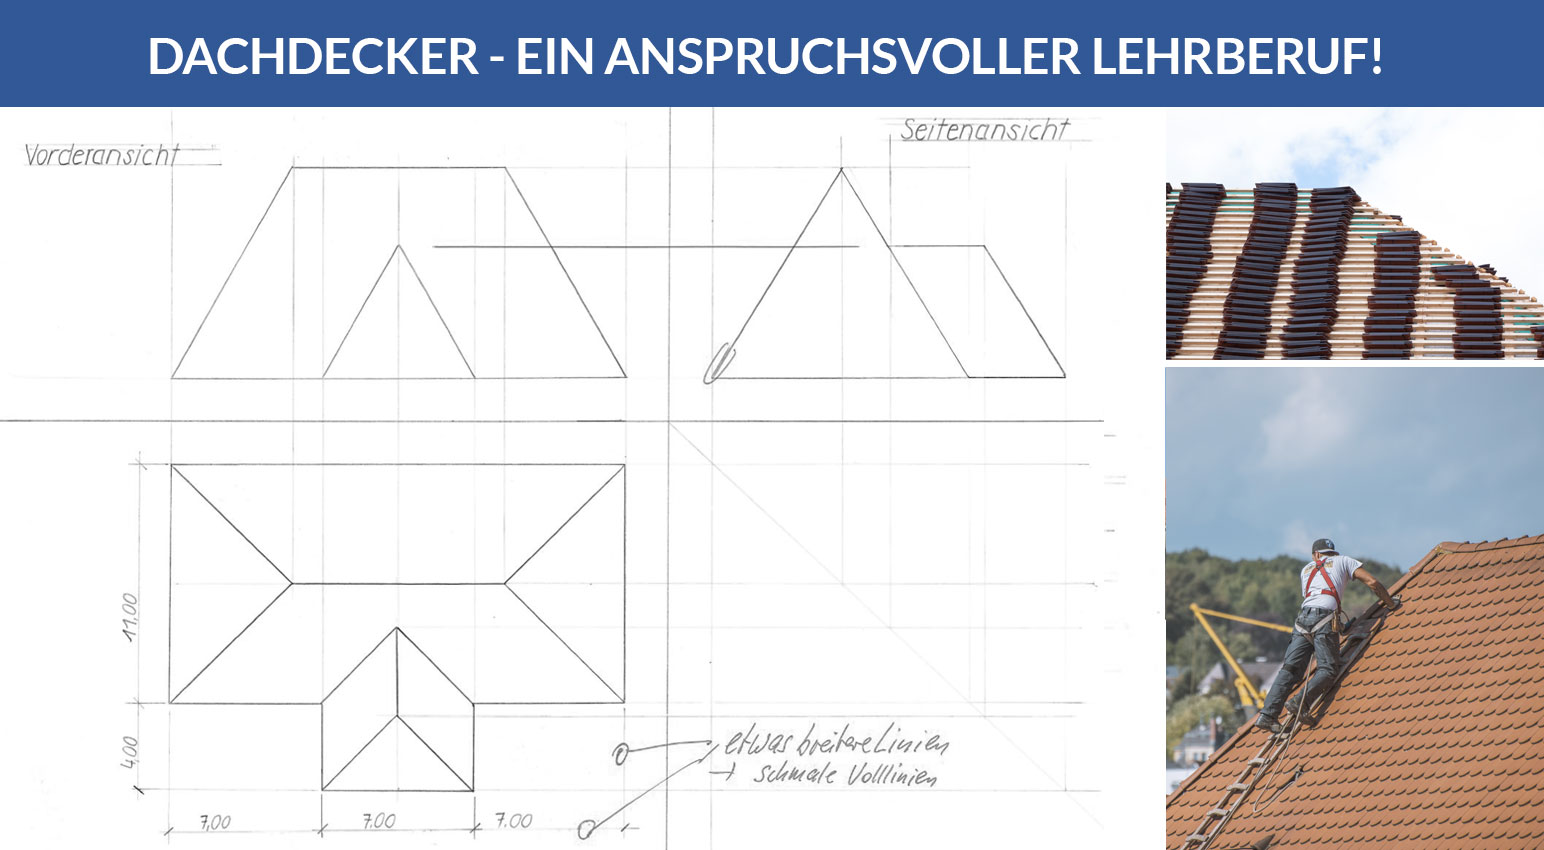 Technische Zeichnung eines Dachdeckerlehrlings, Thema: Dachabwicklung / Theorie und Praxis